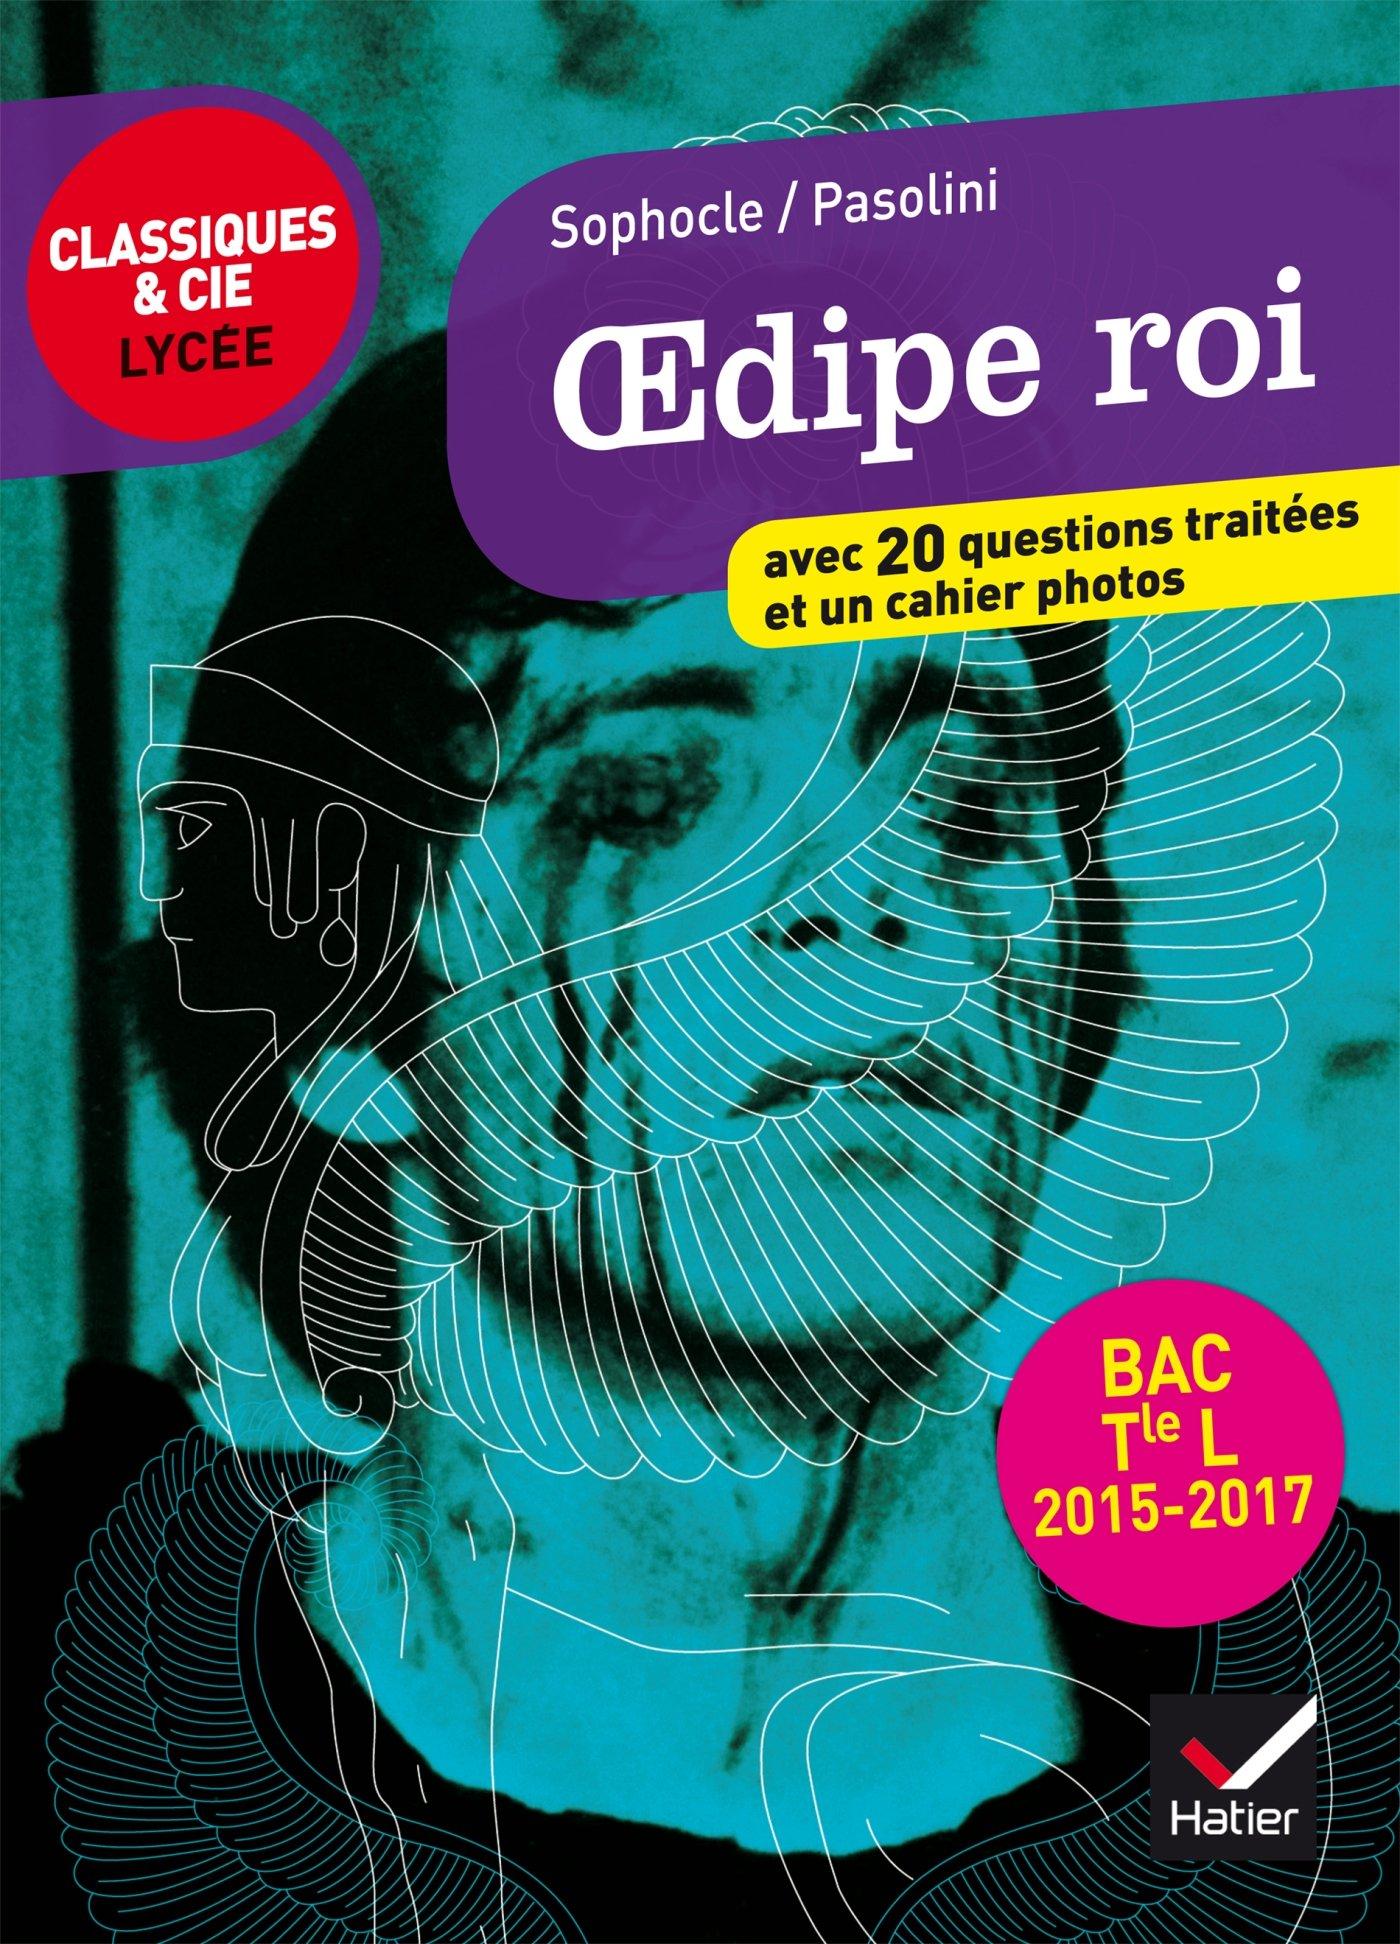 Livre : Sophocle/Pasolini, Œdipe roi, Classiques & Cie Lycée, Hatier, 164 pages.